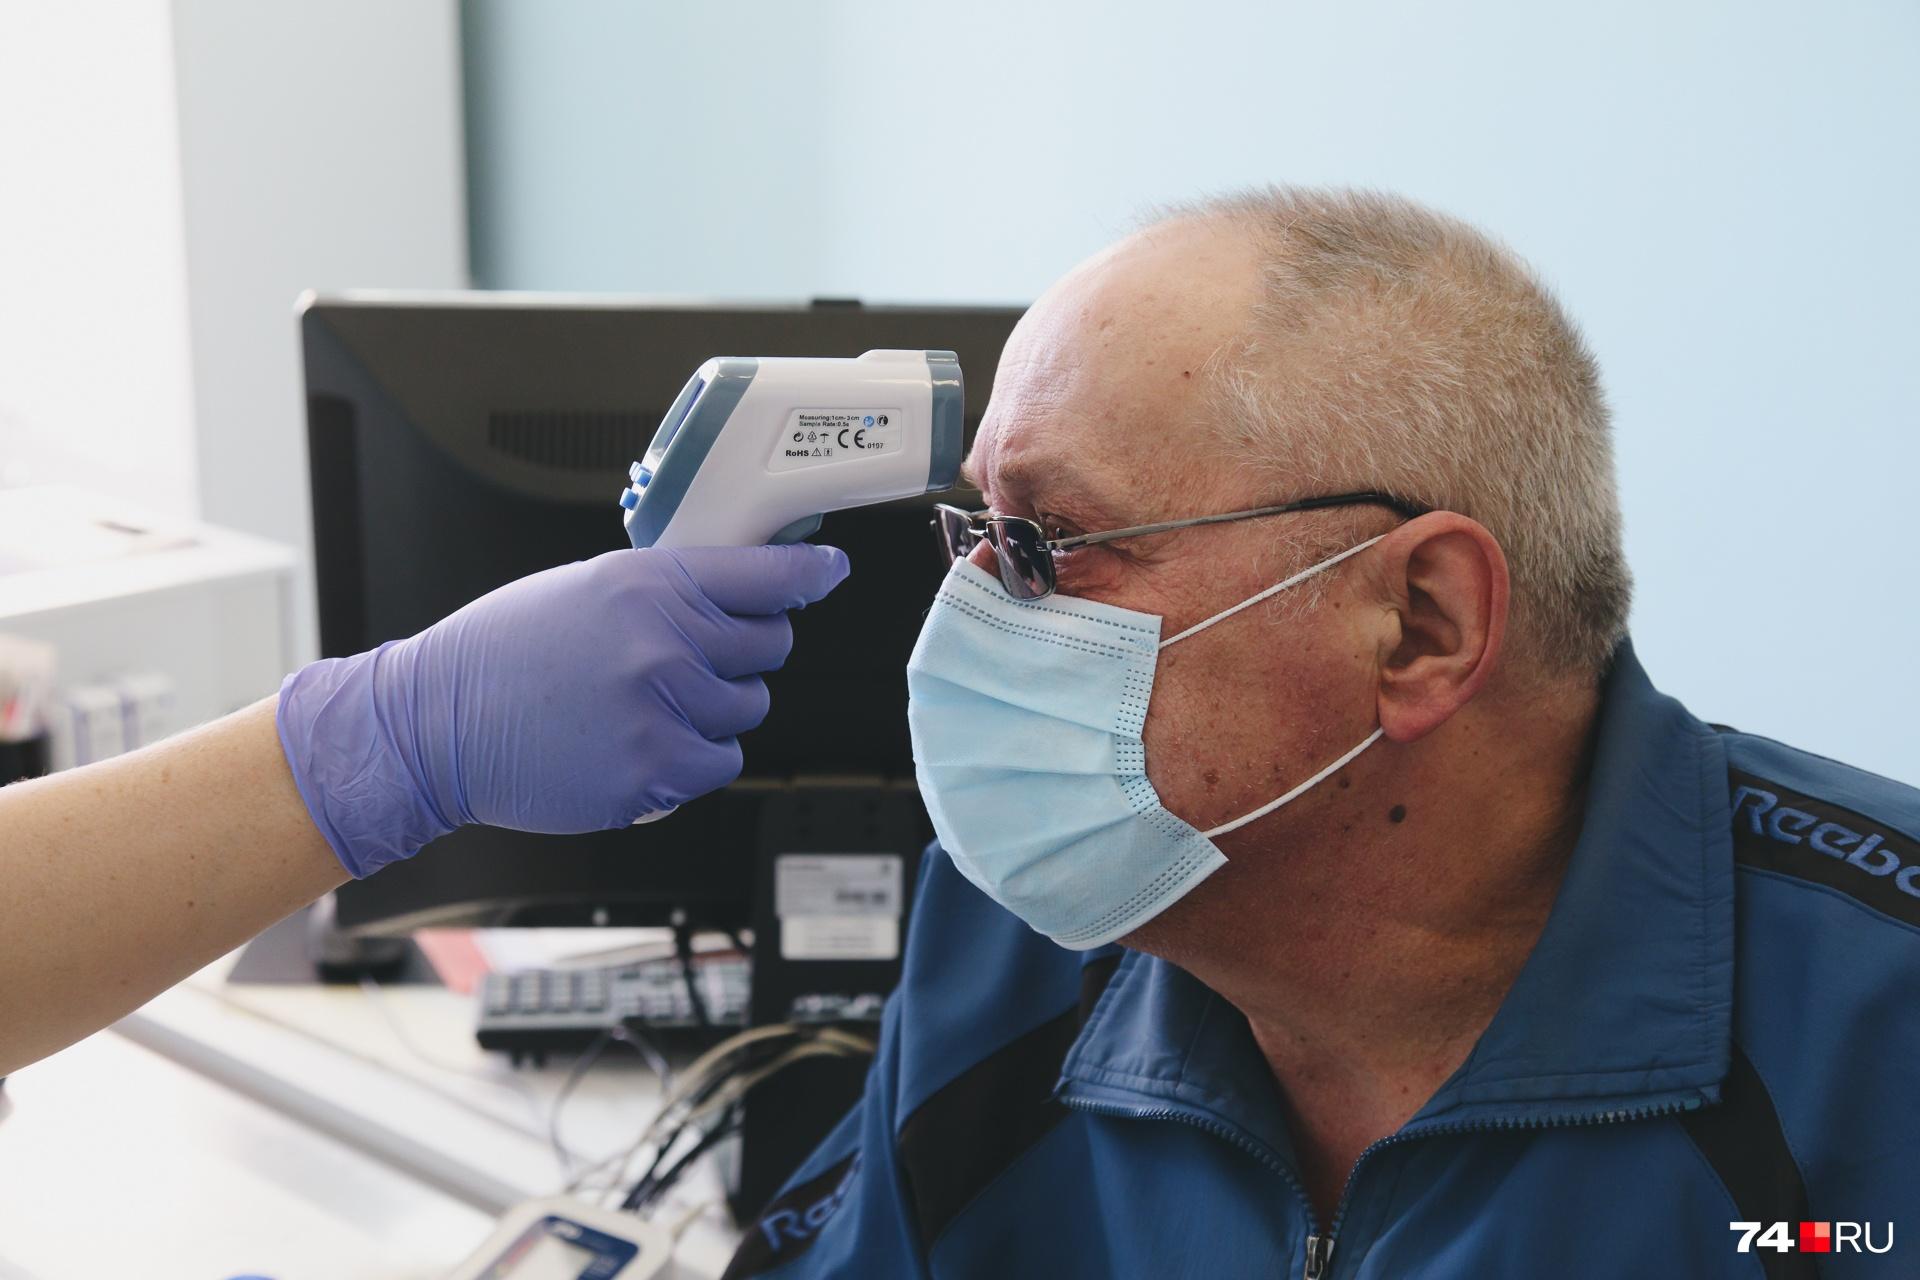 Перед прививкой — медицинский осмотр: если есть повышенная температура или симптомы заболевания, человека вакцинировать не станут